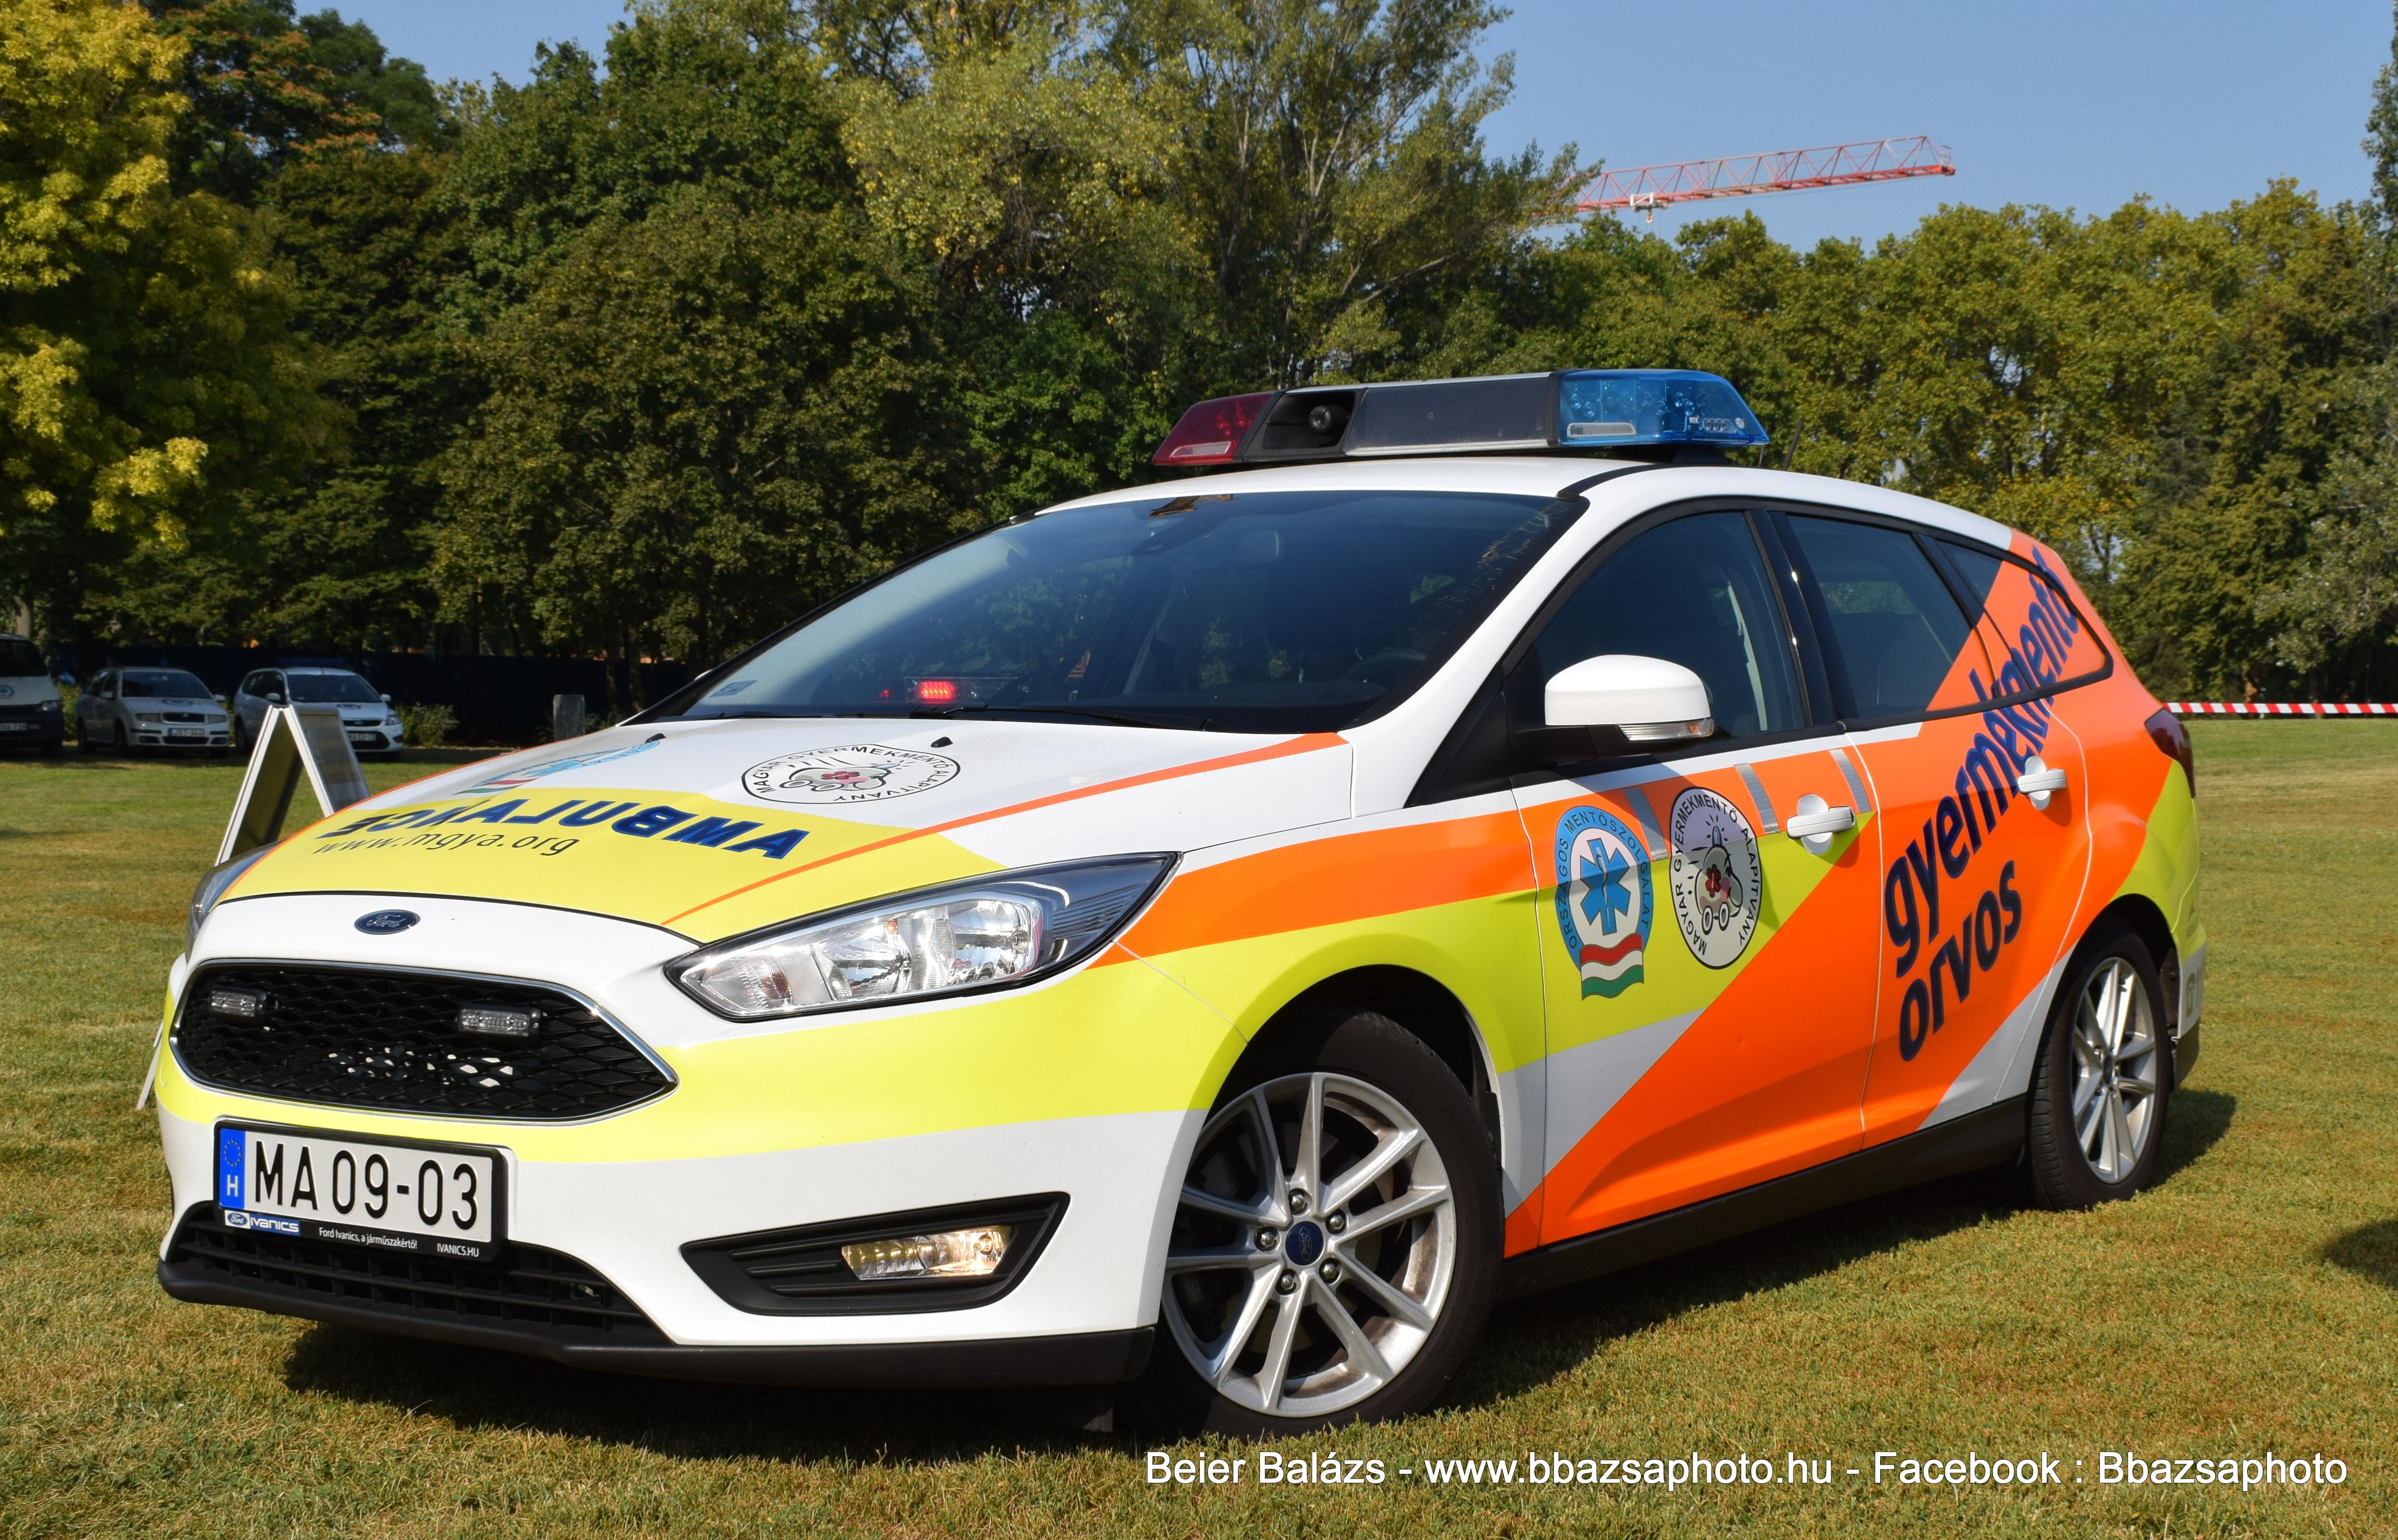 Ford Focus – Magyar Gyermekmentő alapítvány MA09-03